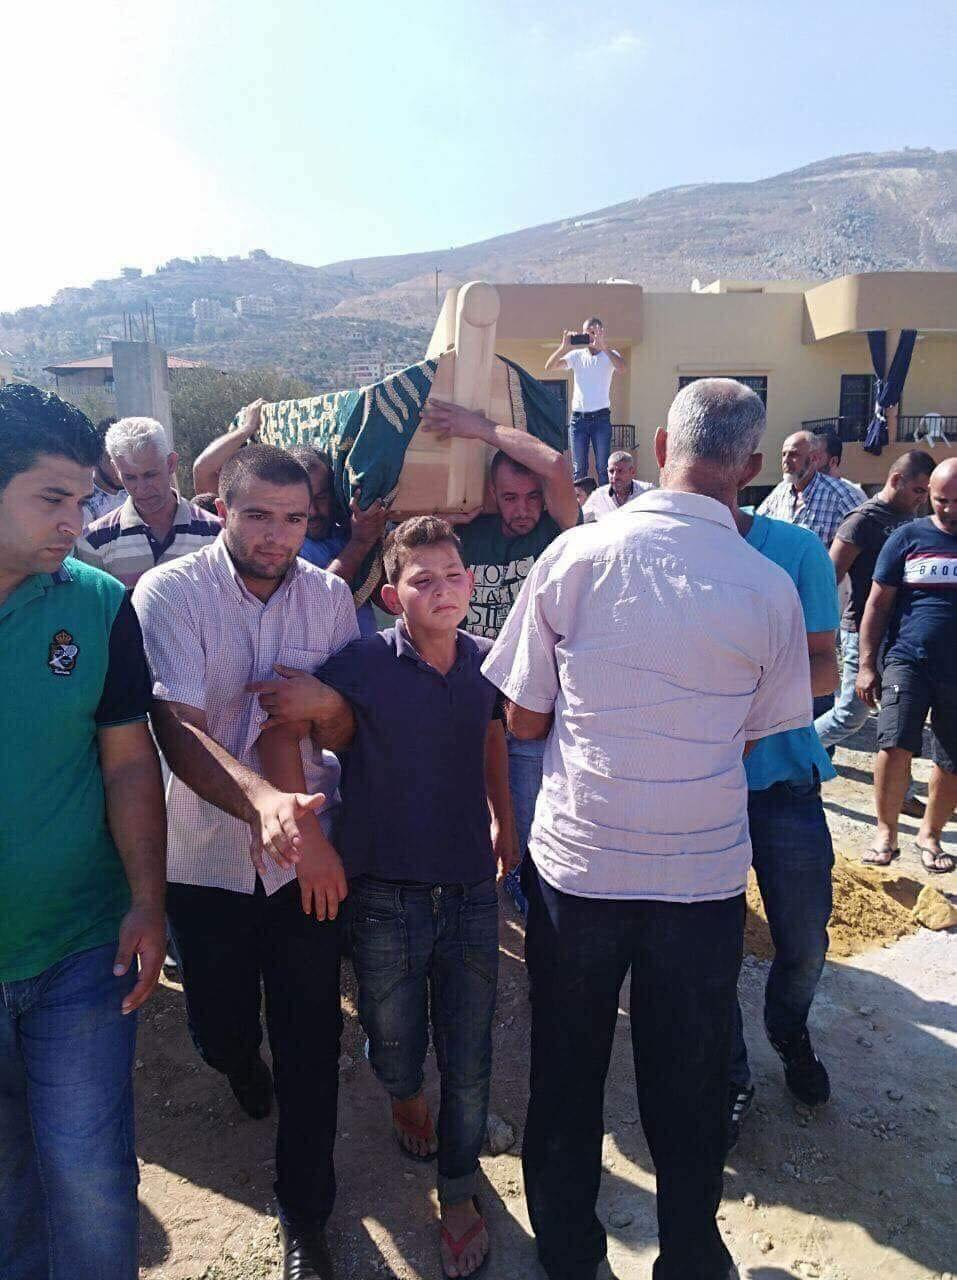 قبيل الحكم في قضيّة قتل على خلفيّة شتم الذات الإلهيّة: المتّهمون يعتبرون الجريمة دفاعاً عن النفس